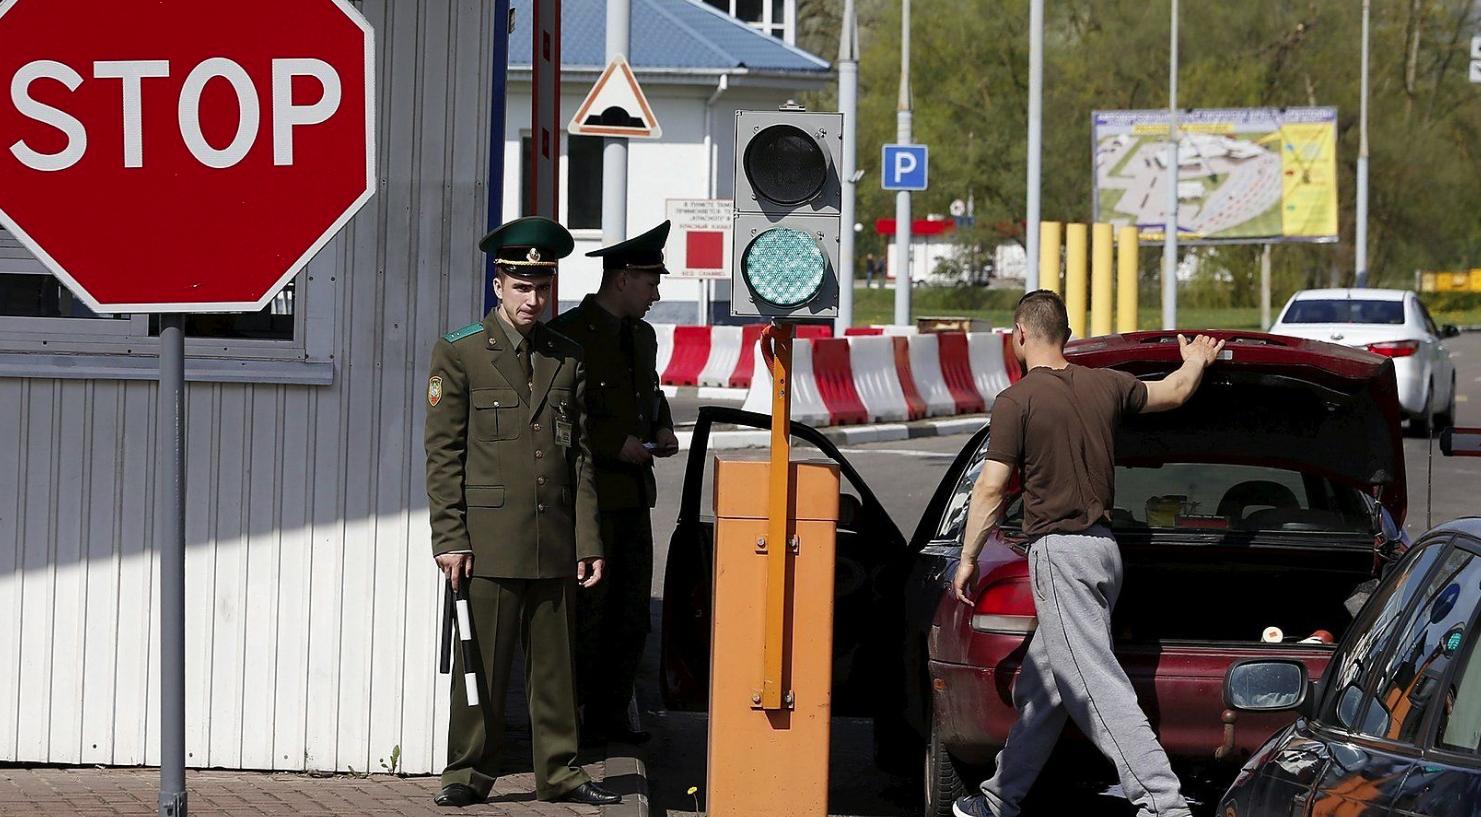 Чем обернется для Белоруссии массовый выезд айтишников в Польшу «Автомайдан»,Айтишники,Белоруссия,Польша,Экономика,Крым